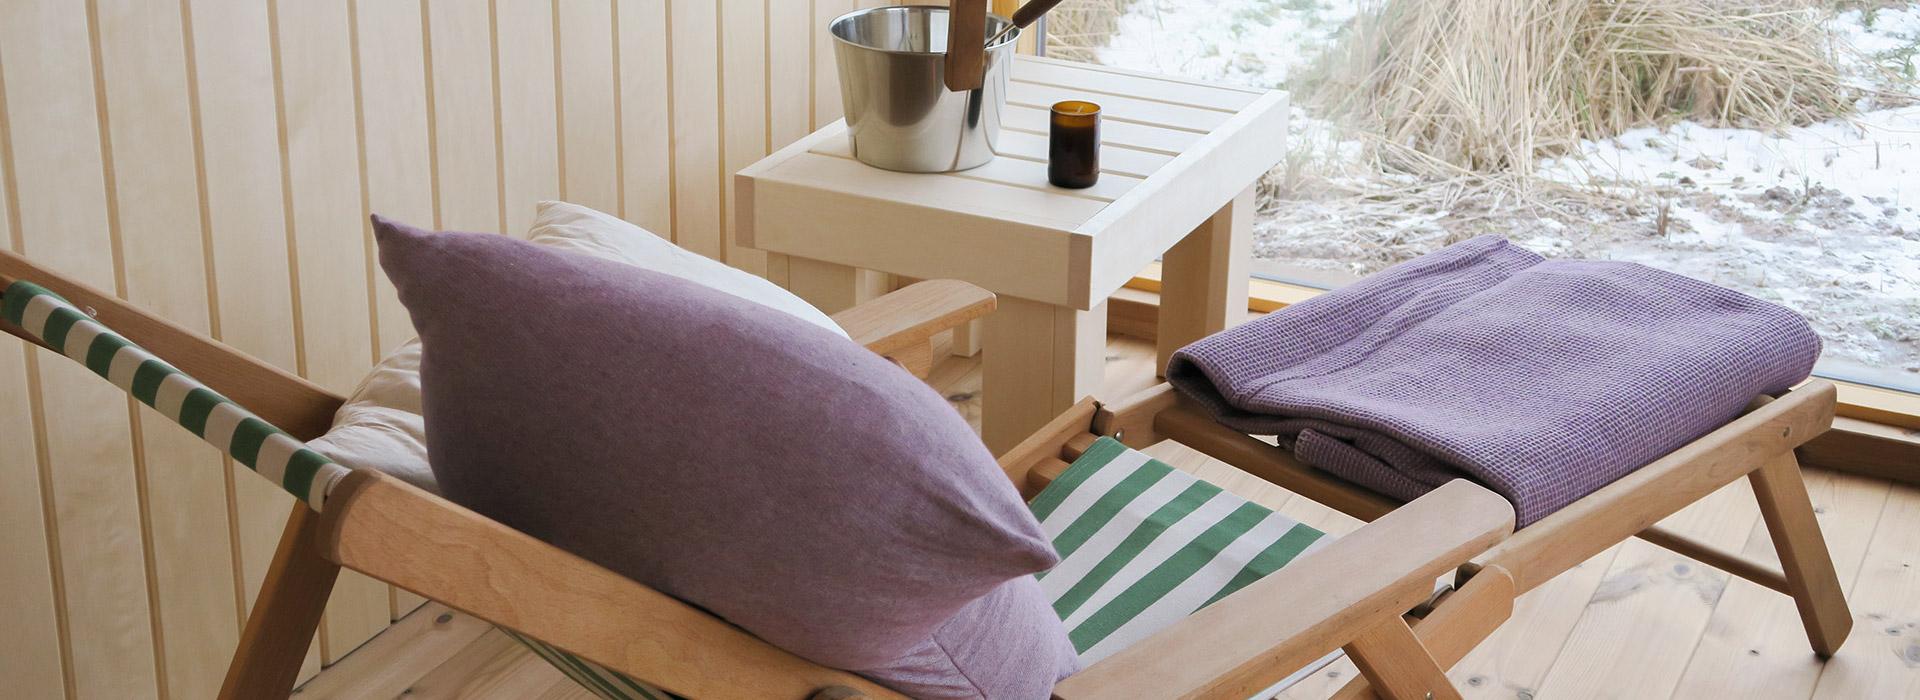 modernes-ferienhaus-an-der-ostsee-sauna